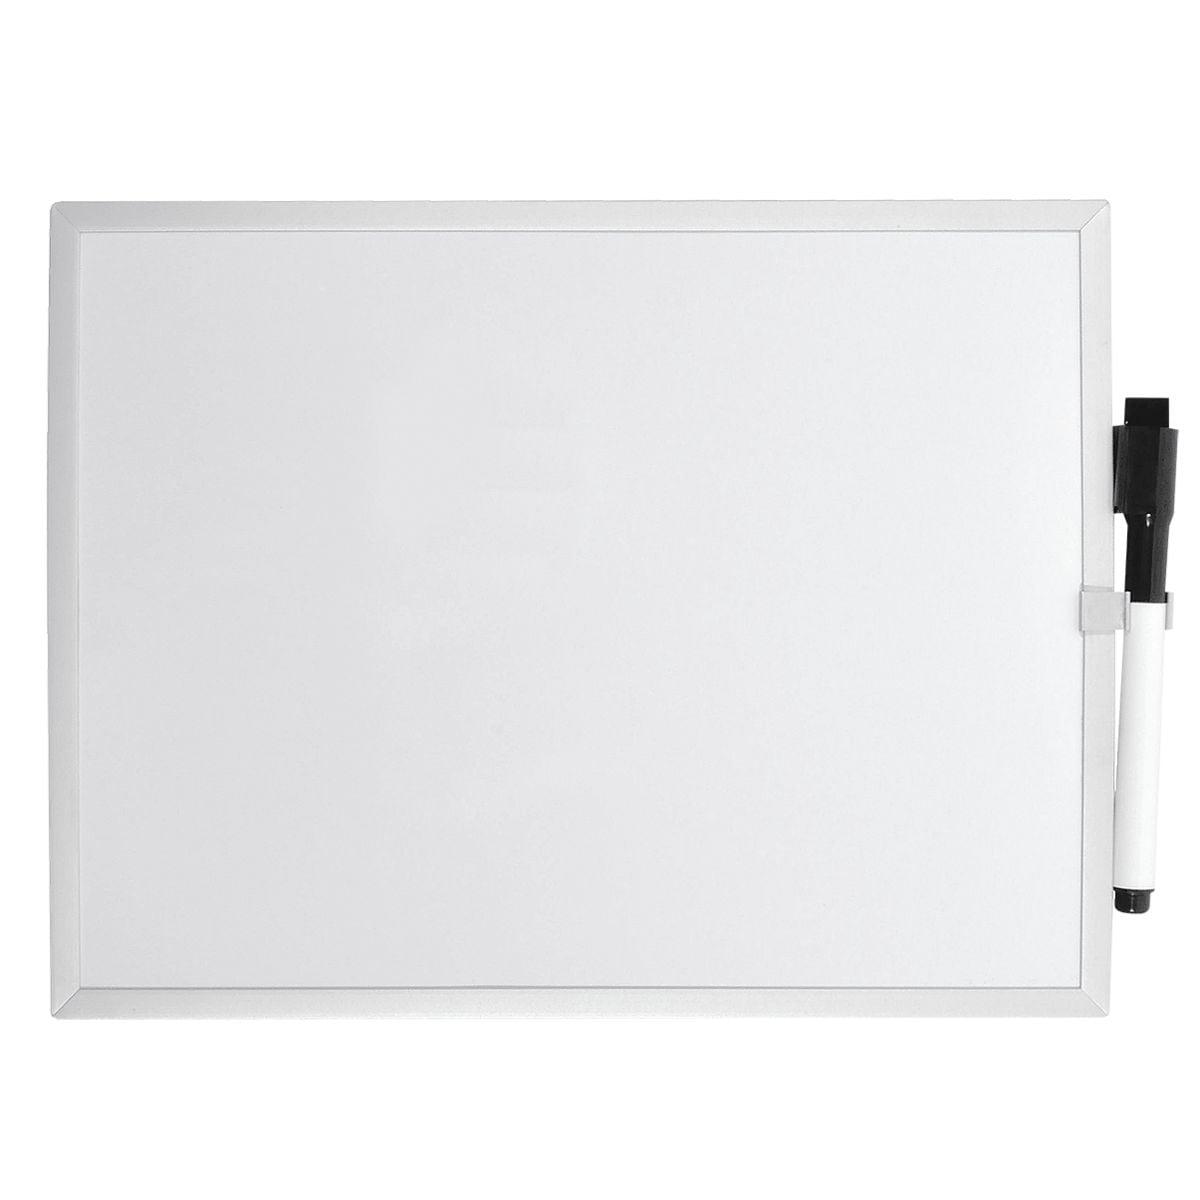 Desq Tableau blanc D420100, 40x30 cm